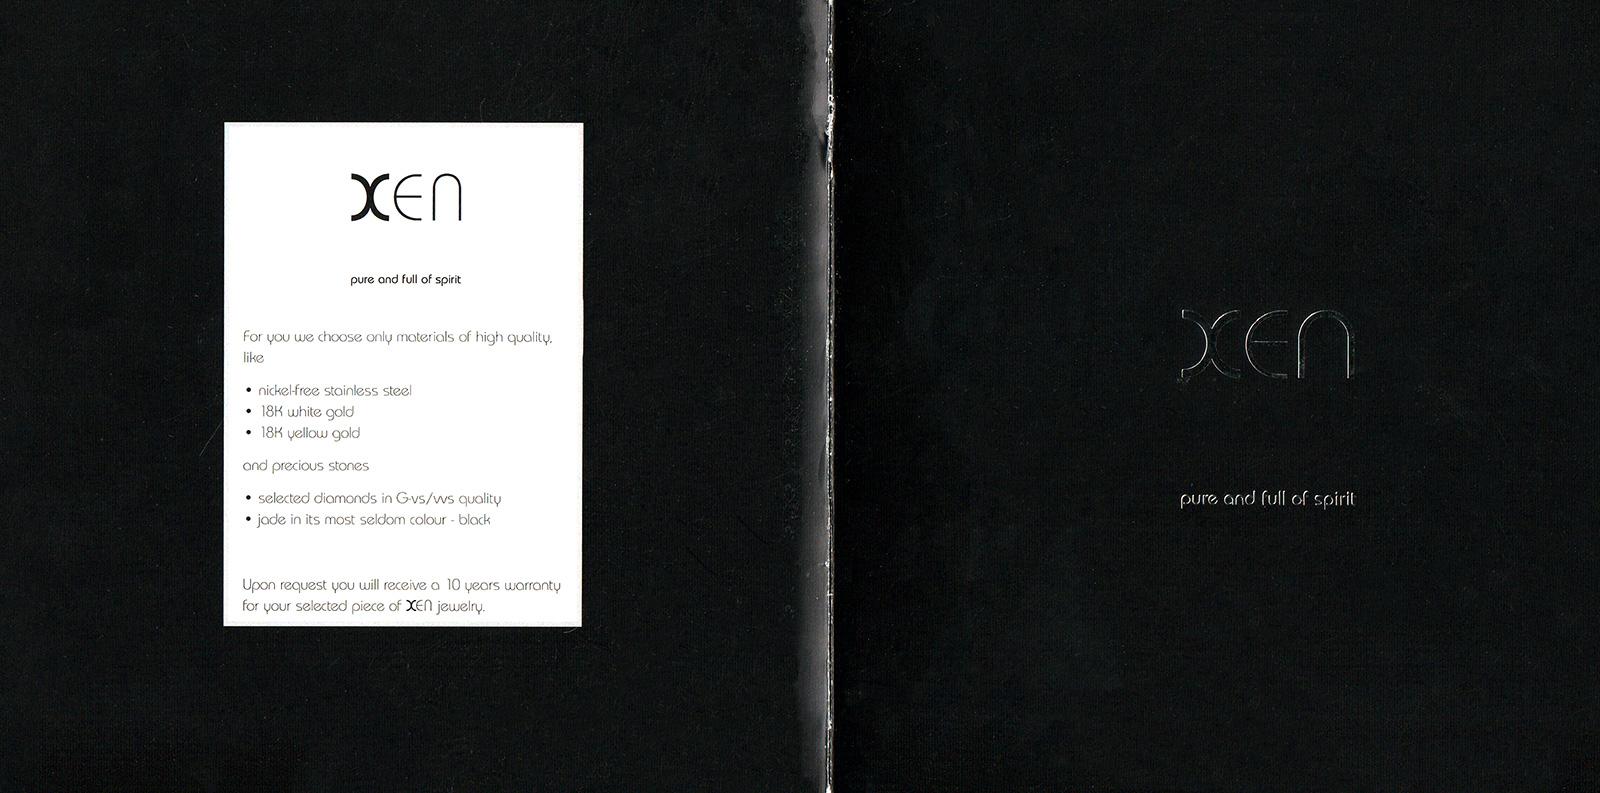 Xen_001